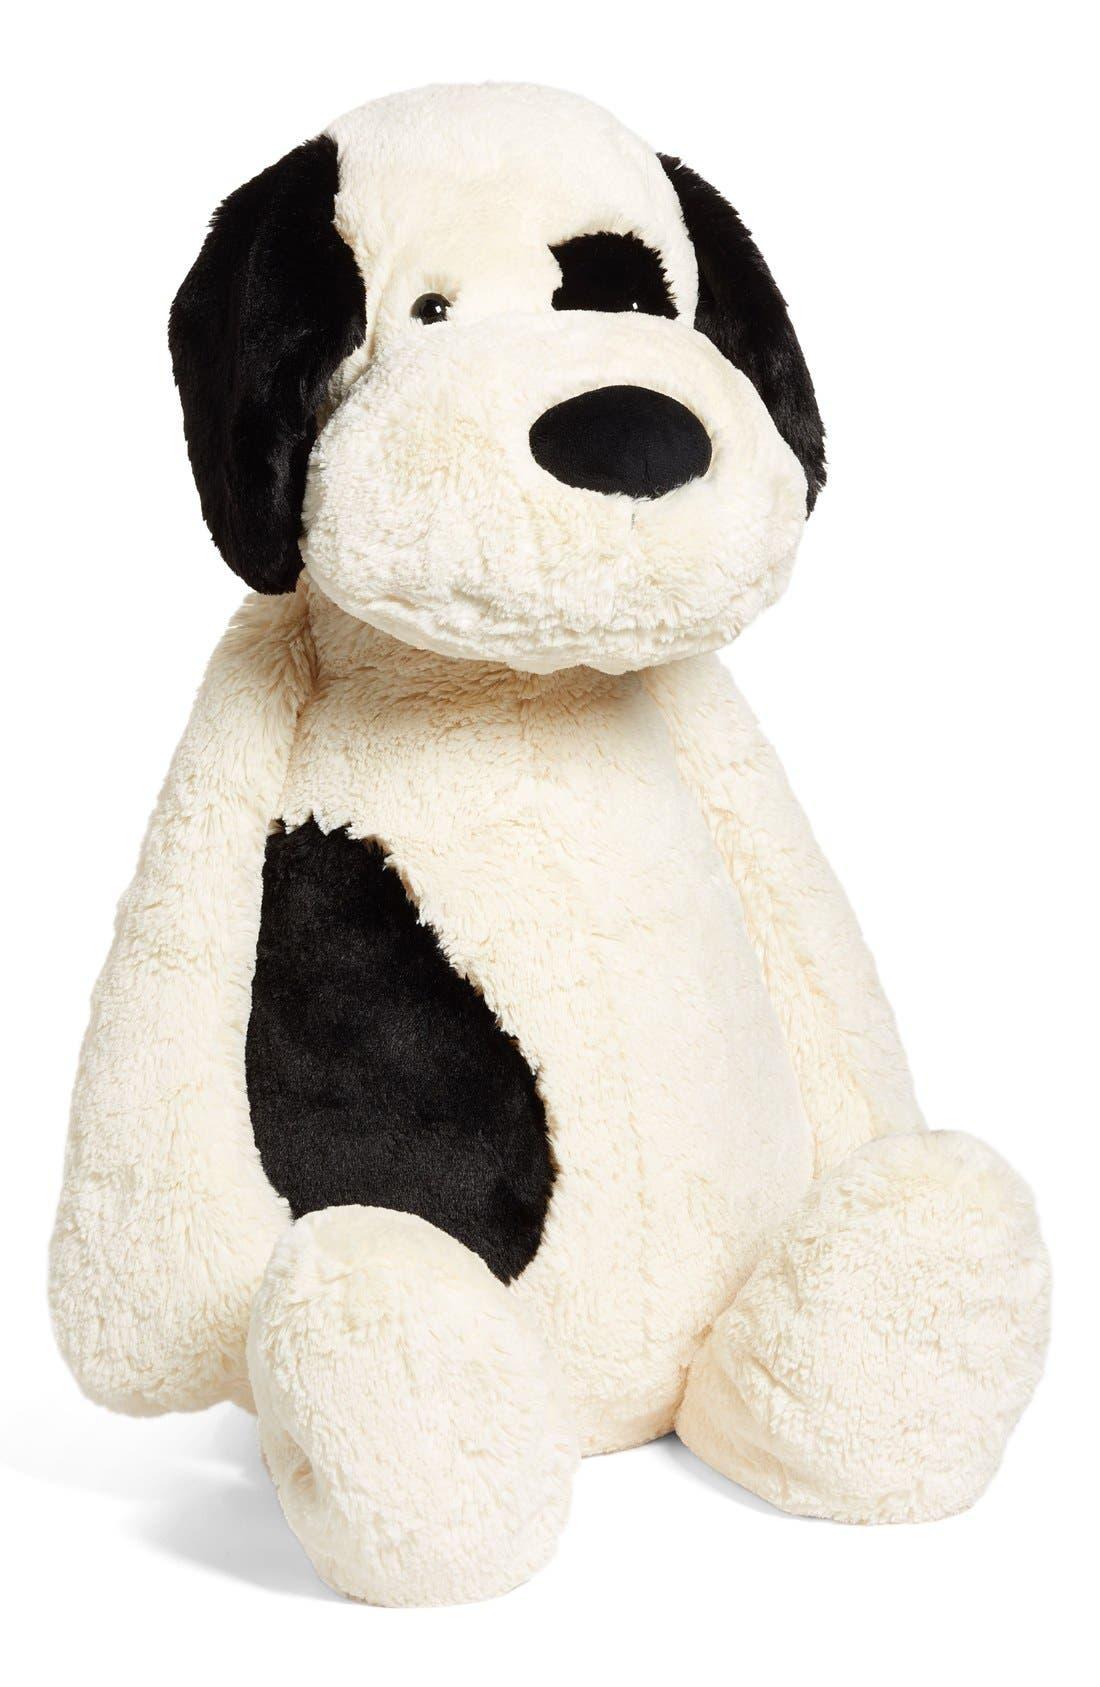 Jellycat 'Really Big Bashful Puppy' Stuffed Animal